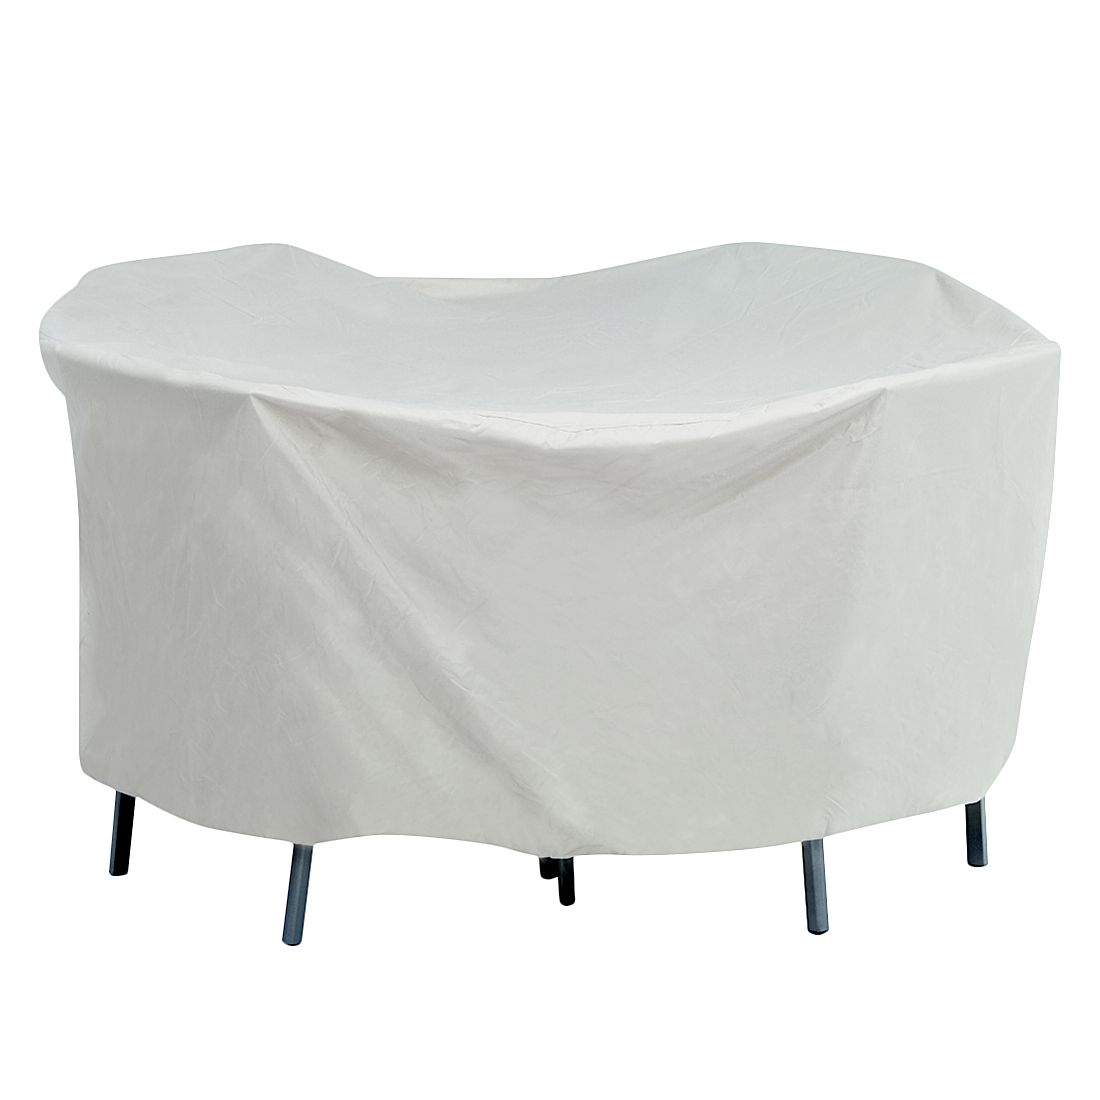 Schutzhülle für Sitzgruppe II – 210 x 250 cm – oval, Stern Garten- & Freizeitmöbel günstig bestellen